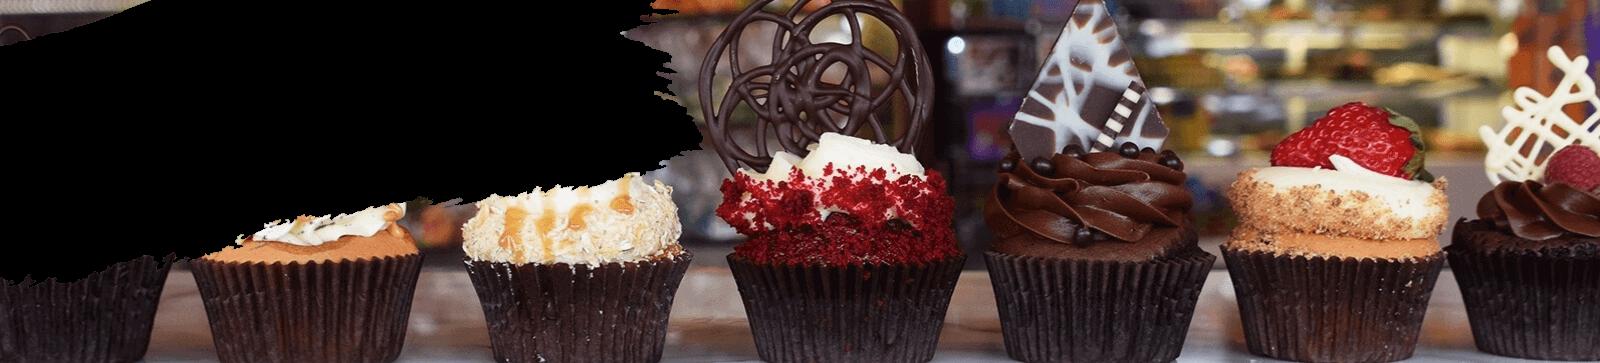 Пирожные и капкейки